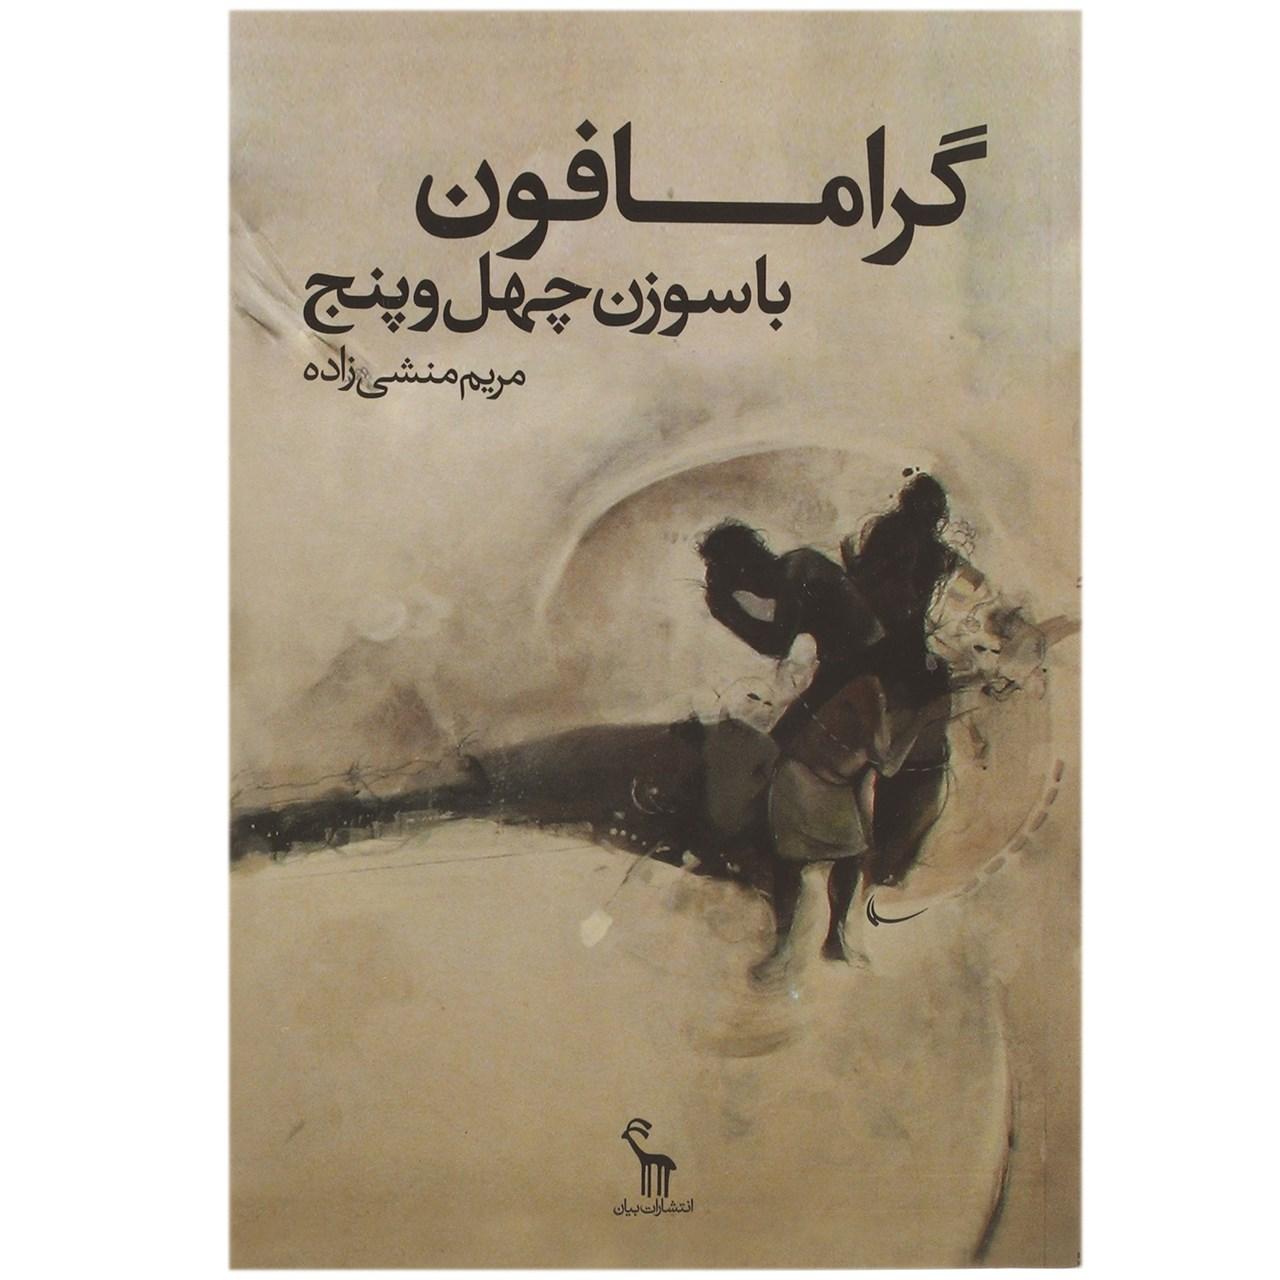 کتاب گرامافون با سوزن چهل و پنج اثر مریم منشیزاده